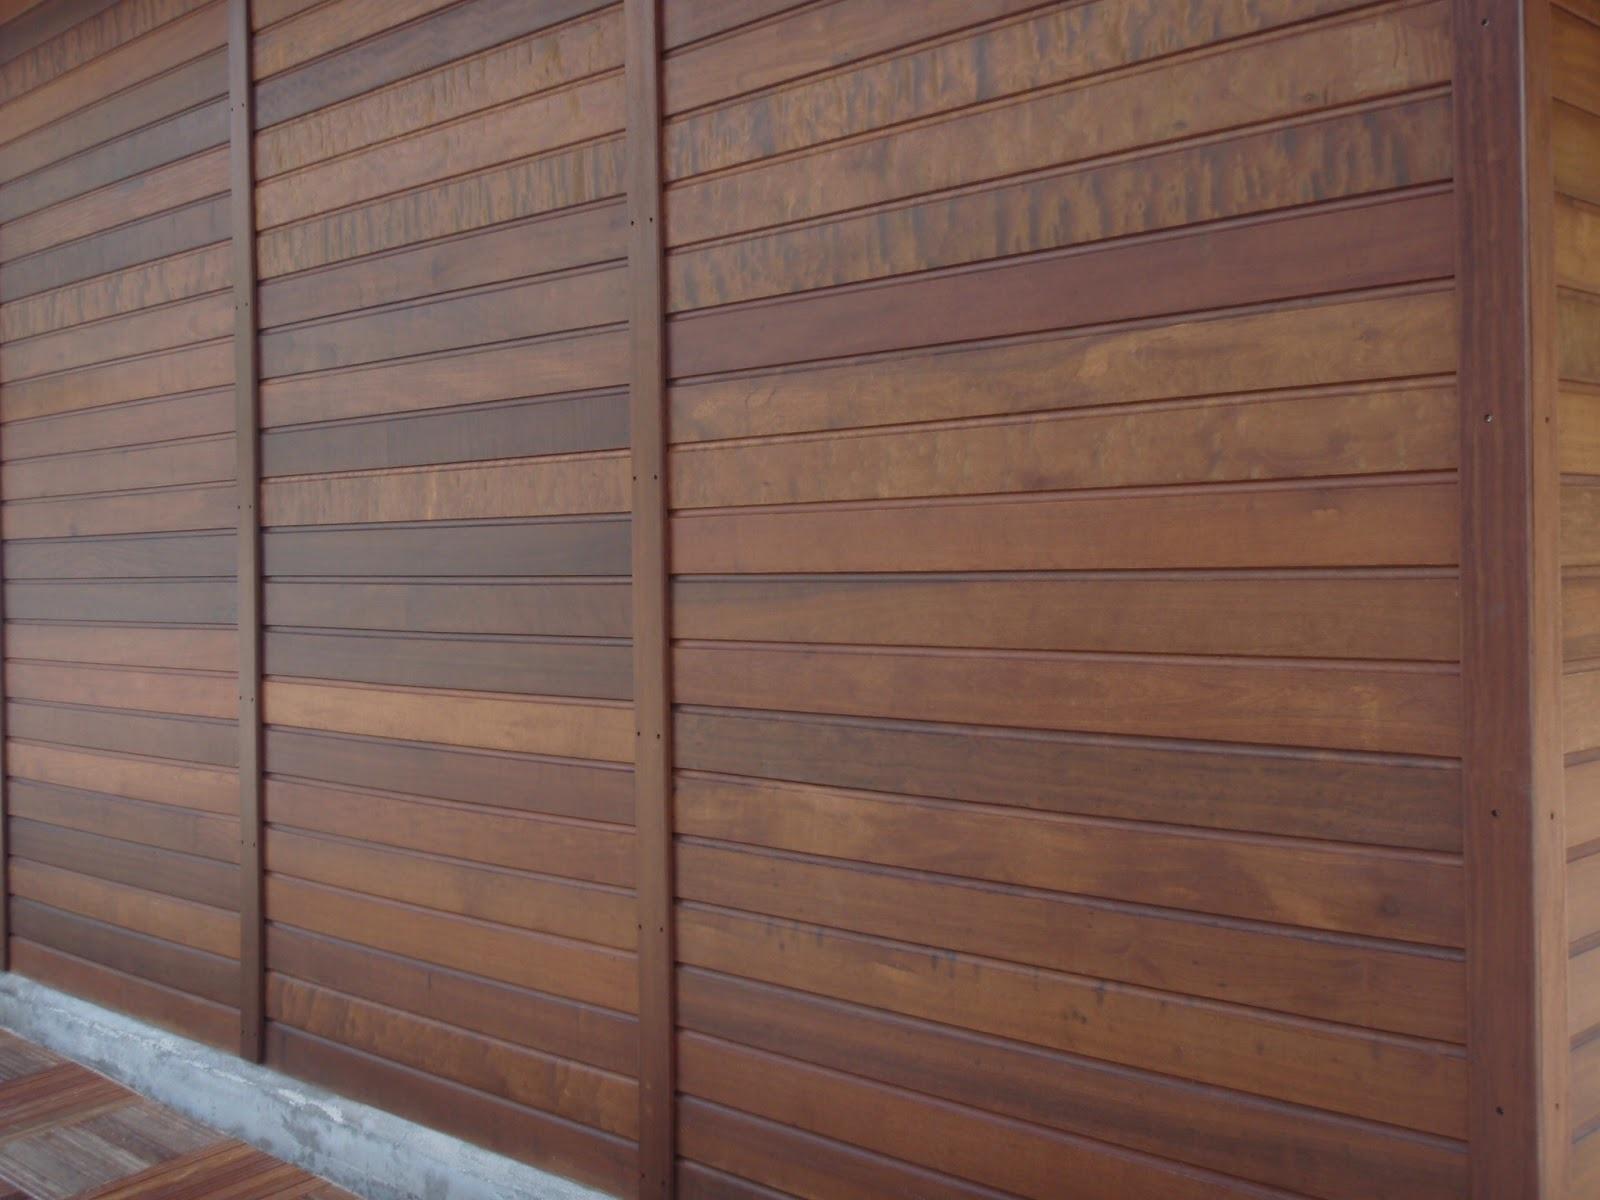 Ou Acheter Bois Ipe chine 1x5 - rei bardage en bois massif naturel – acheter l